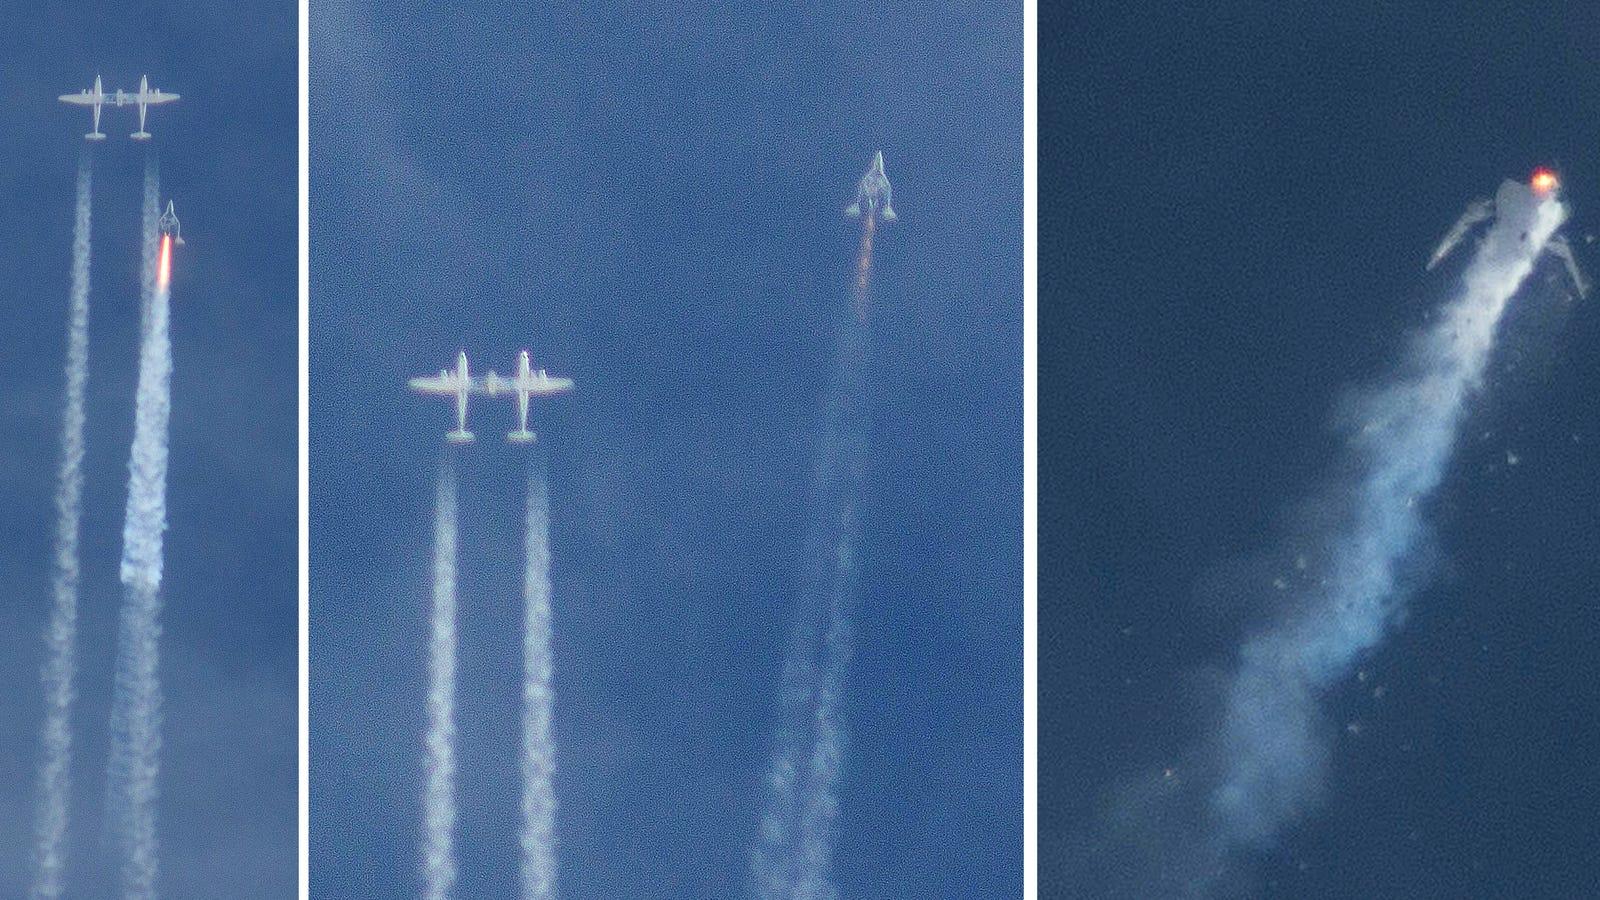 La nave SpaceShipTwo desplegó su sistema de frenos antes de lo debido